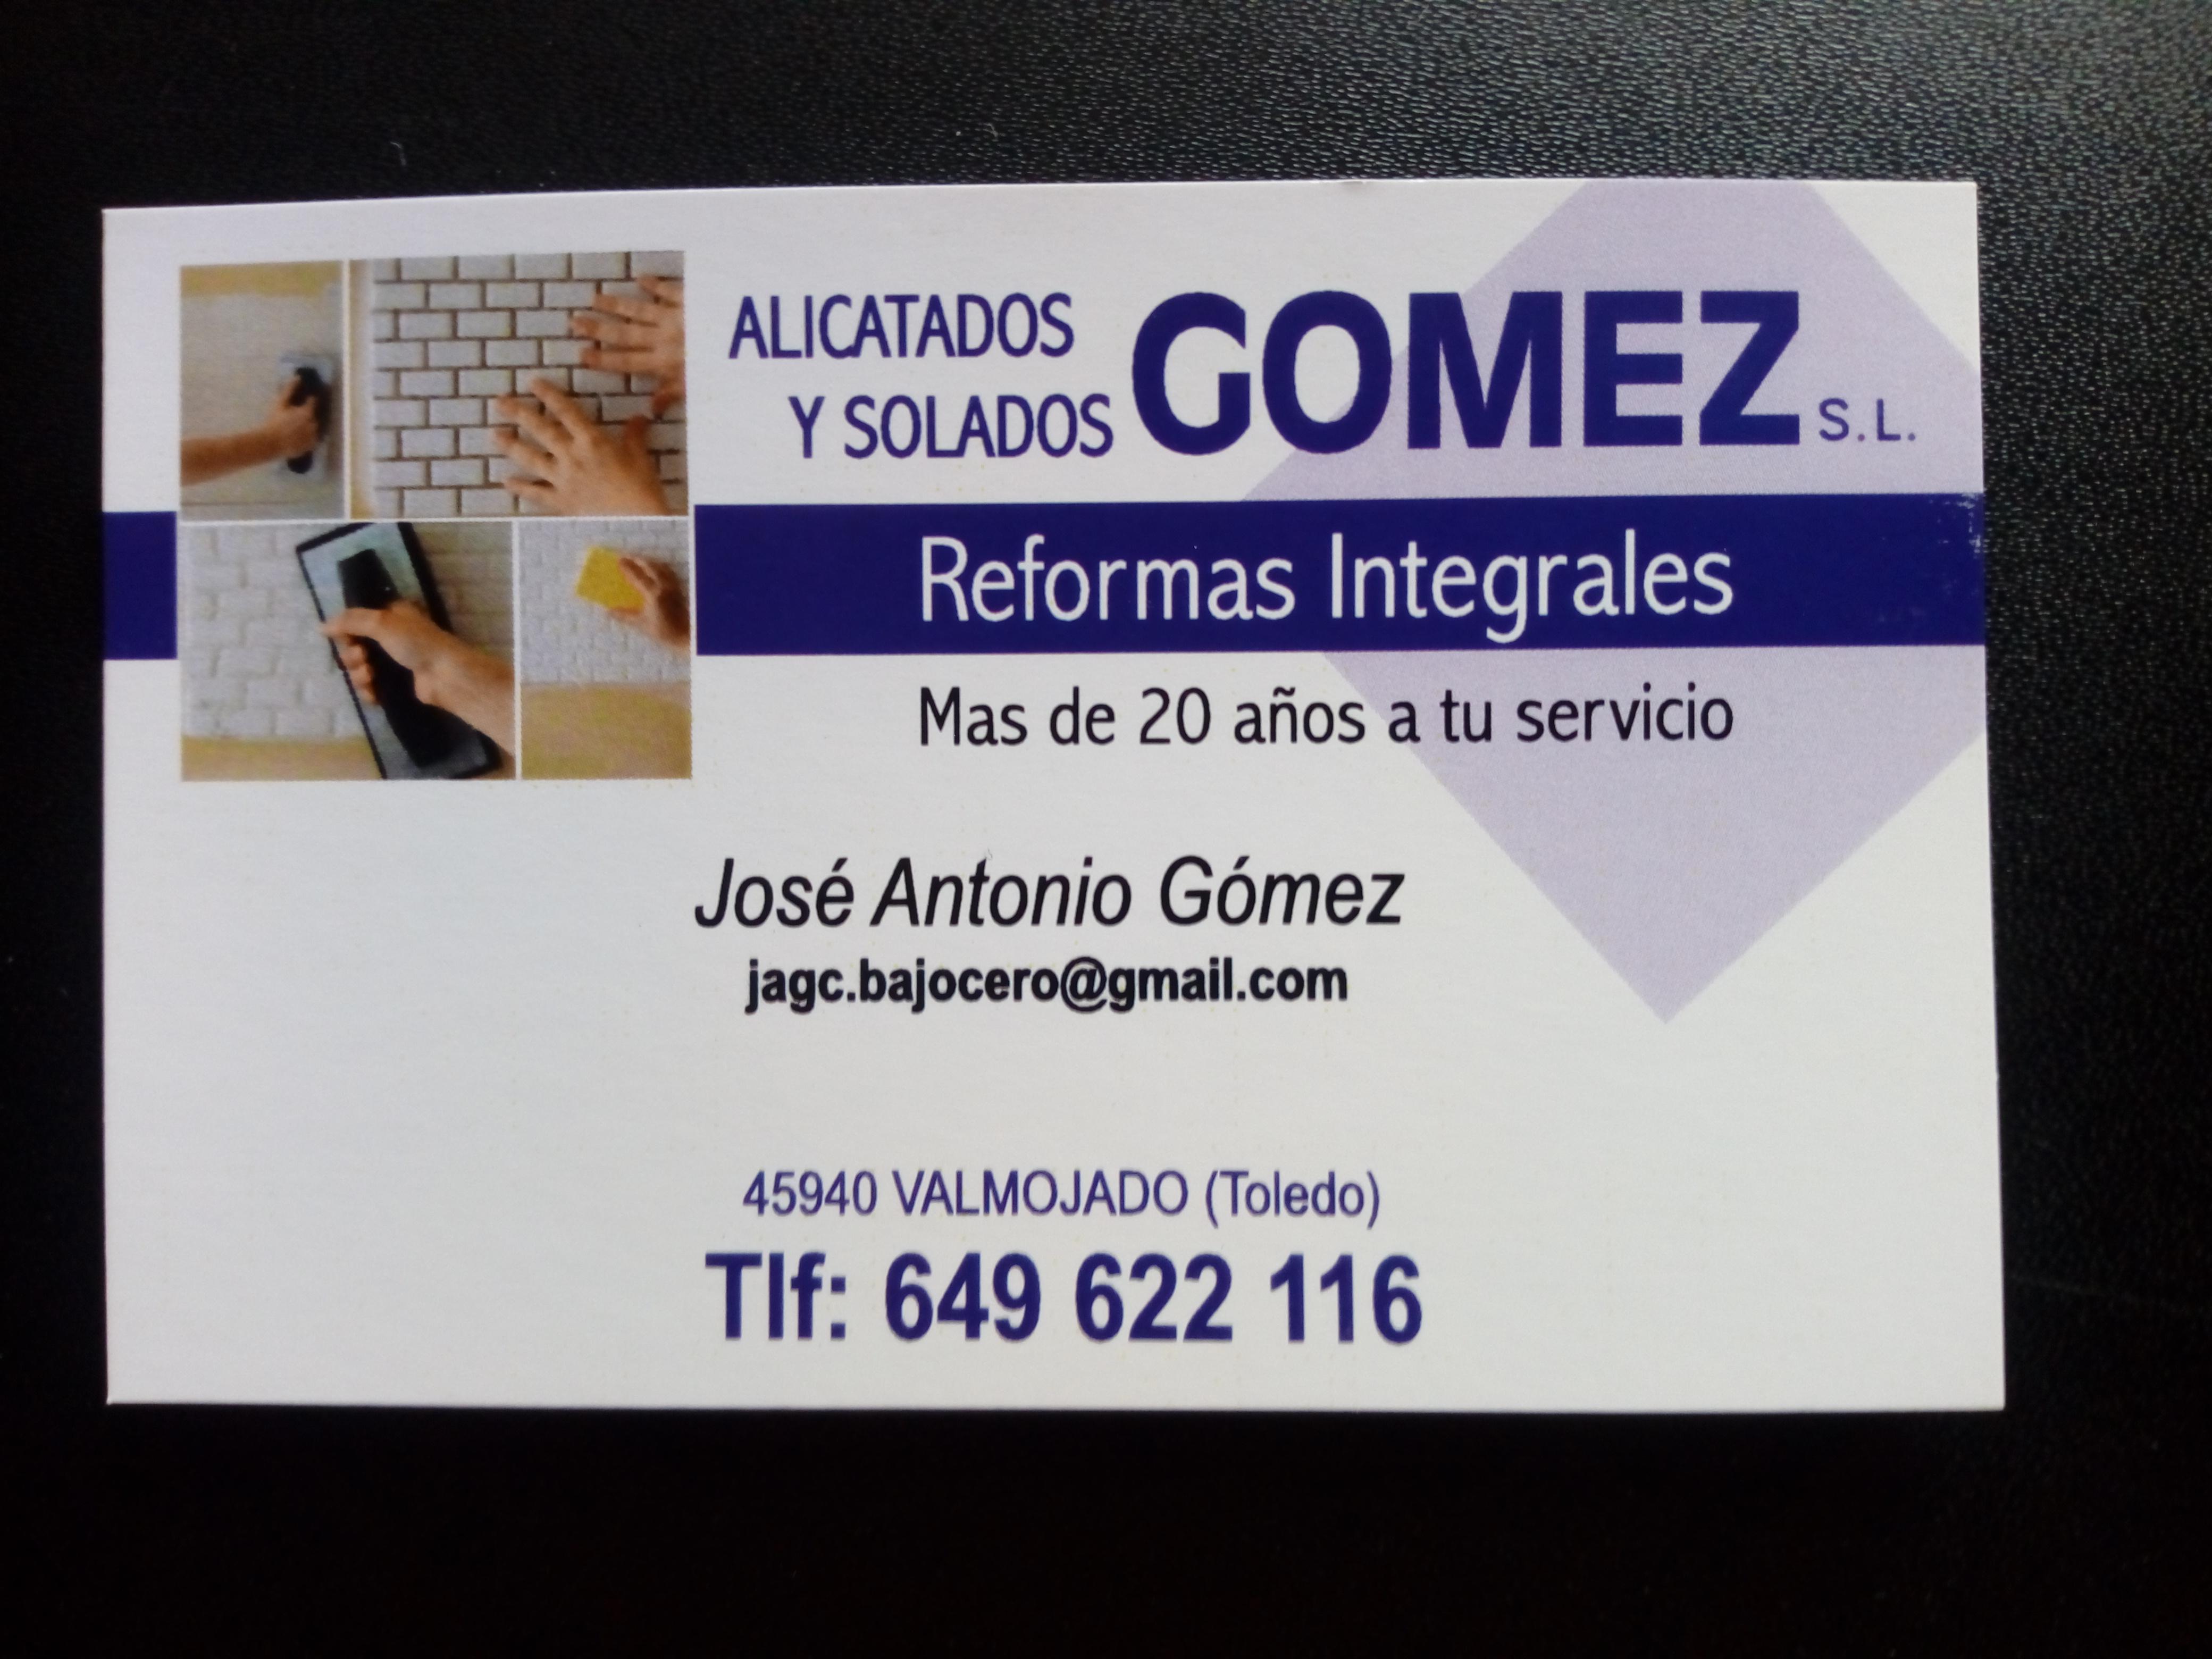 Alicatados Y Solados Gómez